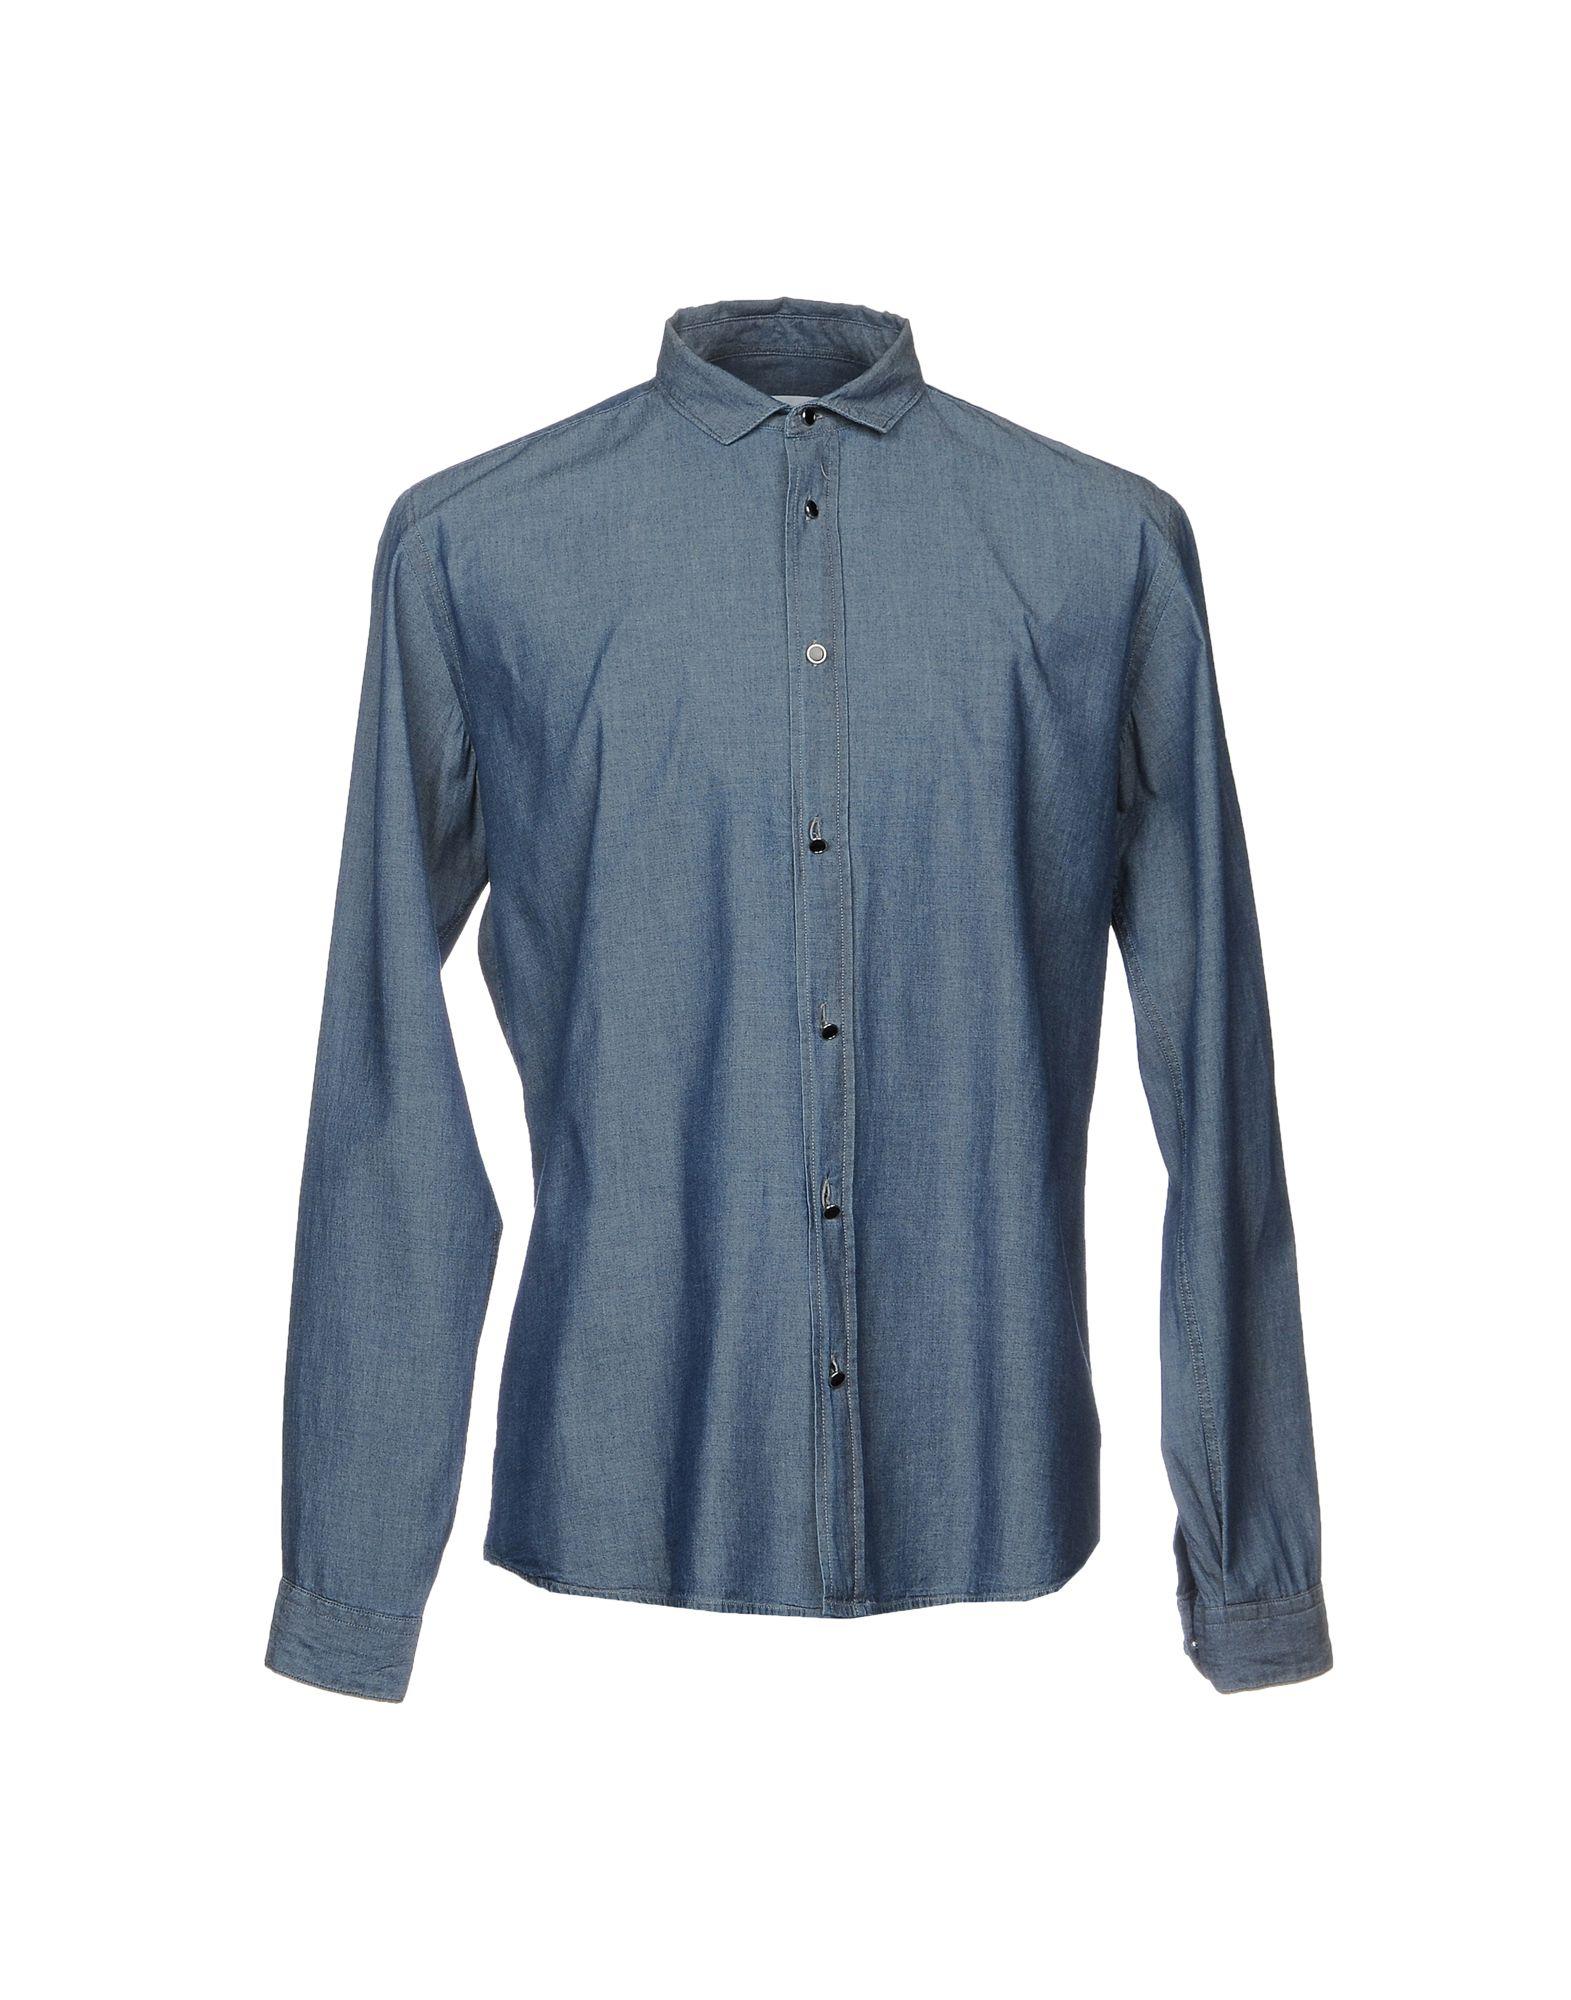 цены на ALLIEVI Джинсовая рубашка  в интернет-магазинах